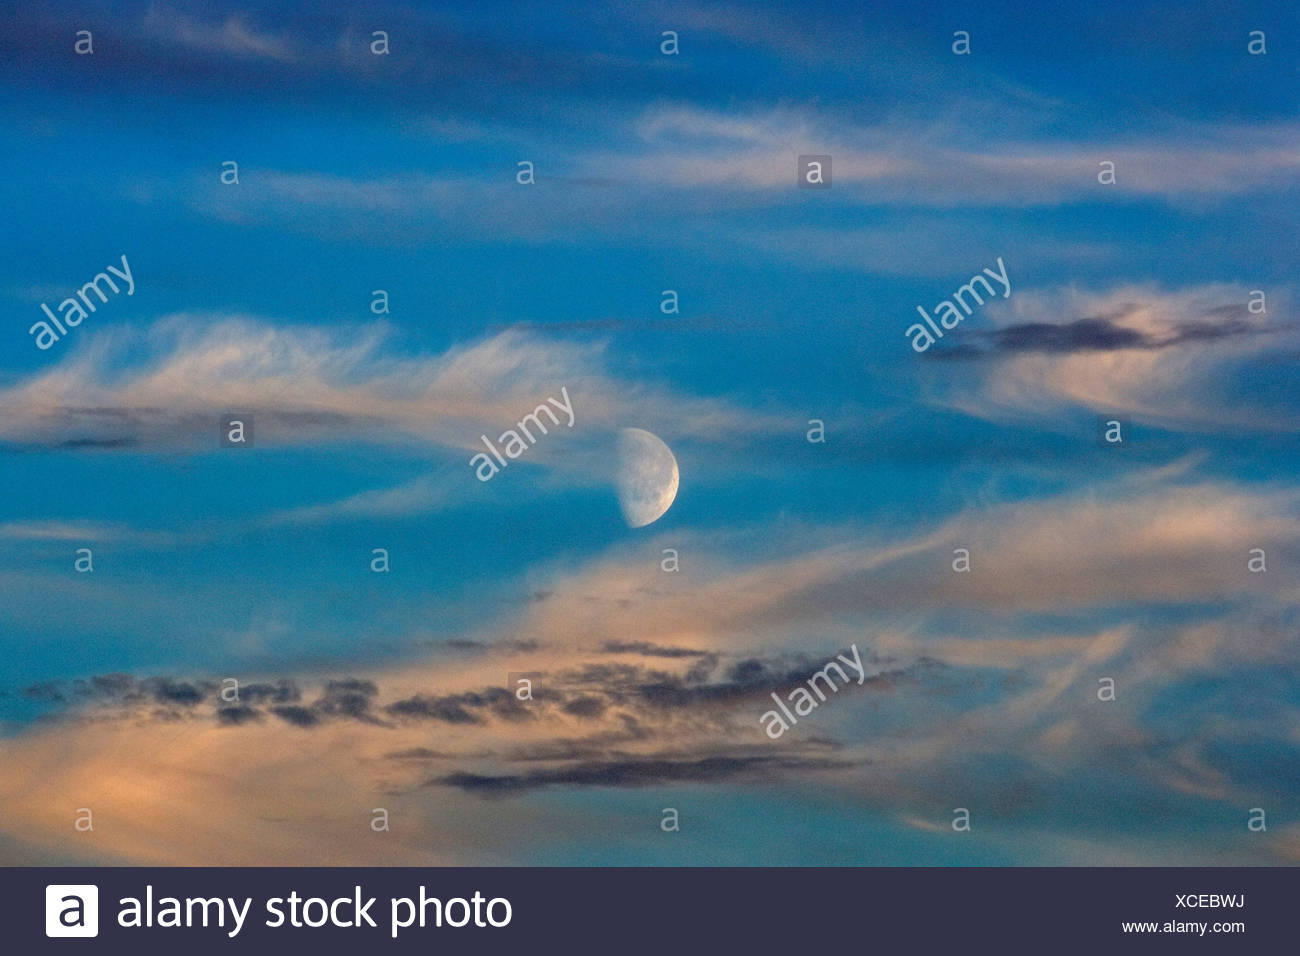 Half Moon Illuminated by the Midnight Sun - Stock Image